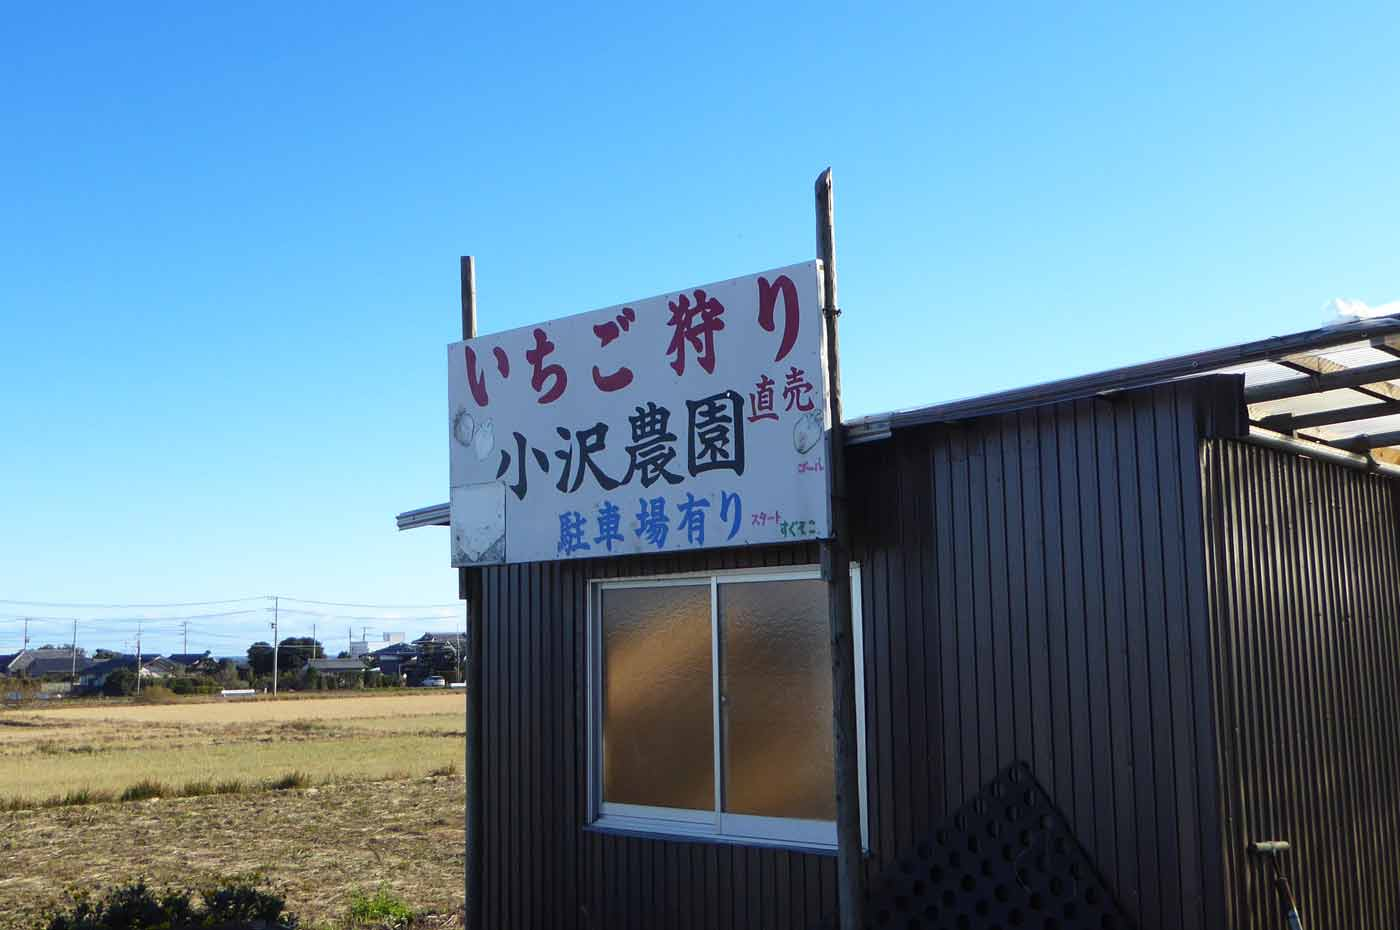 小沢農園のいちご狩りの施設